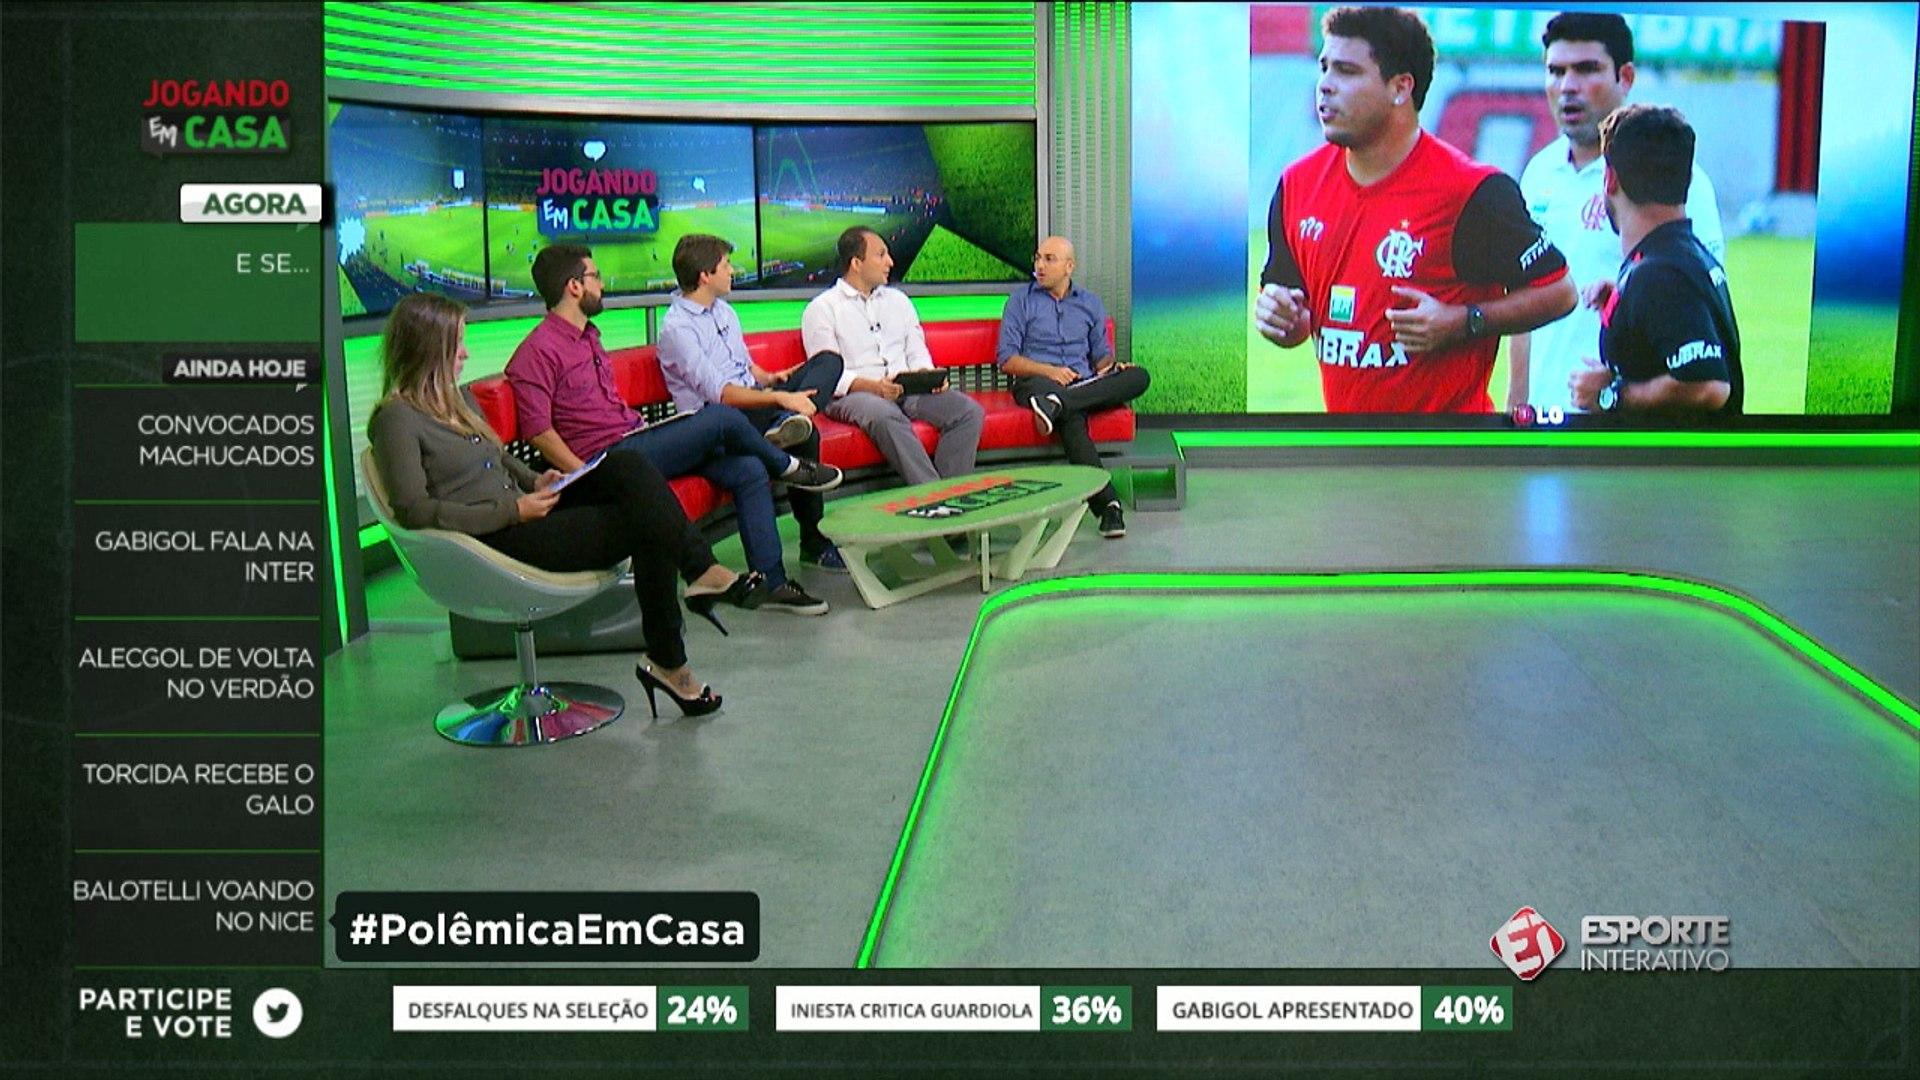 VSR: 'Se o Ronaldo tivesse ido para o Flamengo, o Fla não teria sido campeão em 2009'